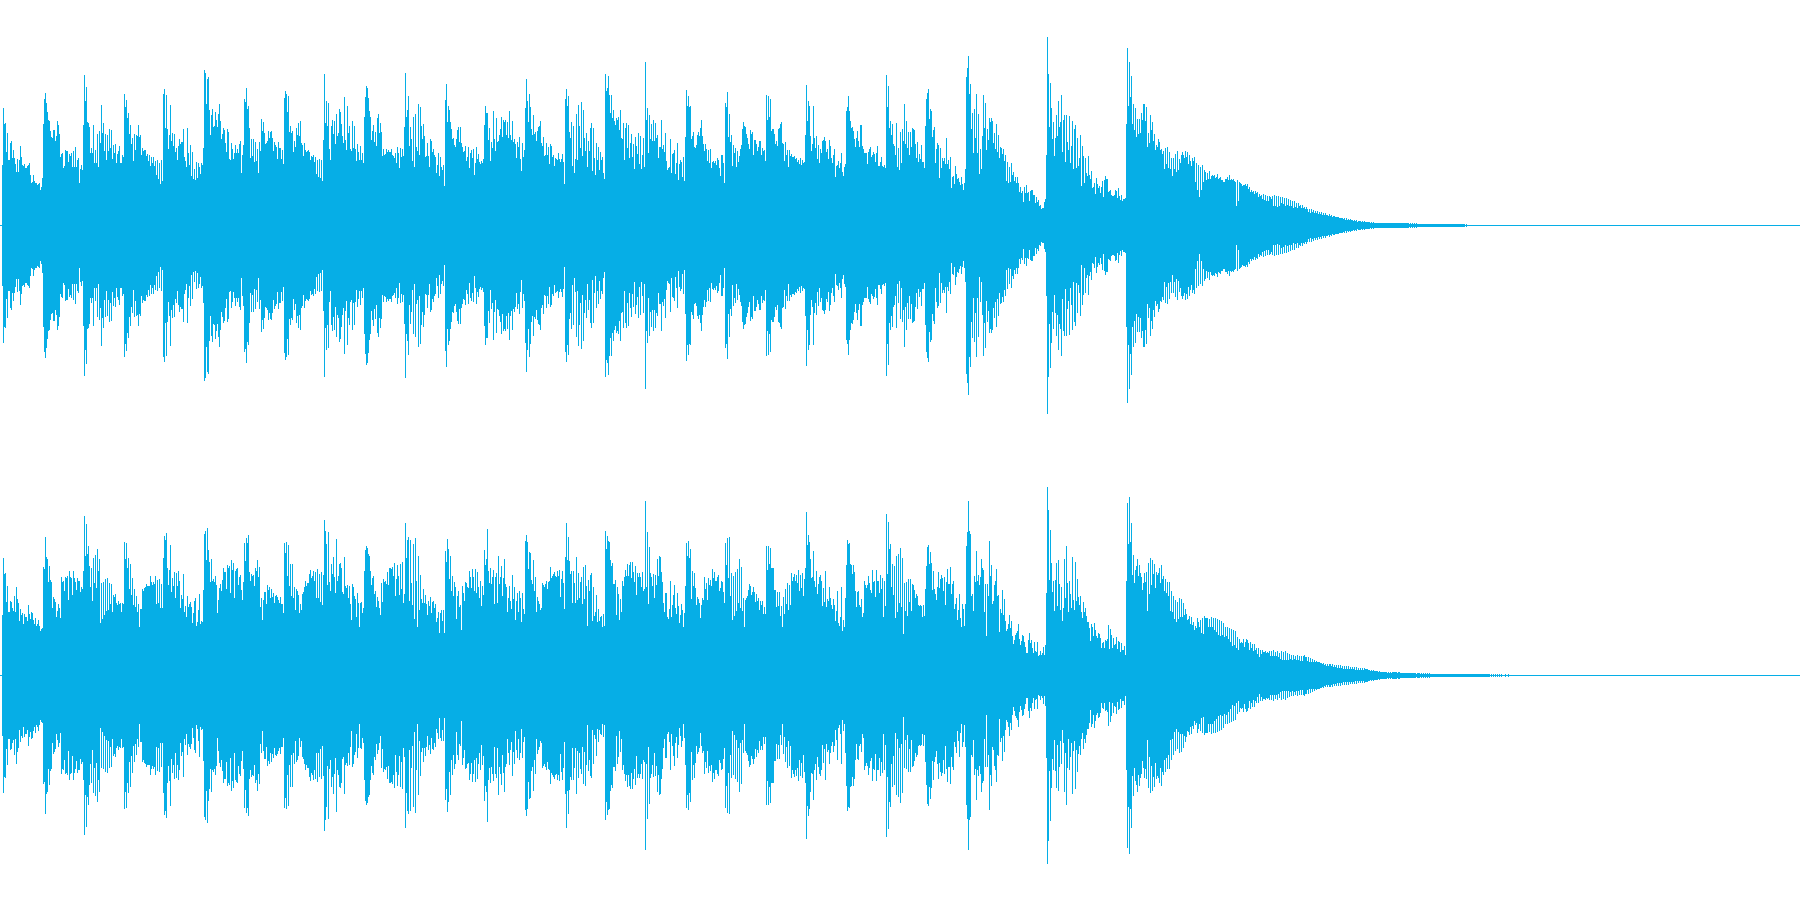 シンプルなアコギ風ジングルの再生済みの波形